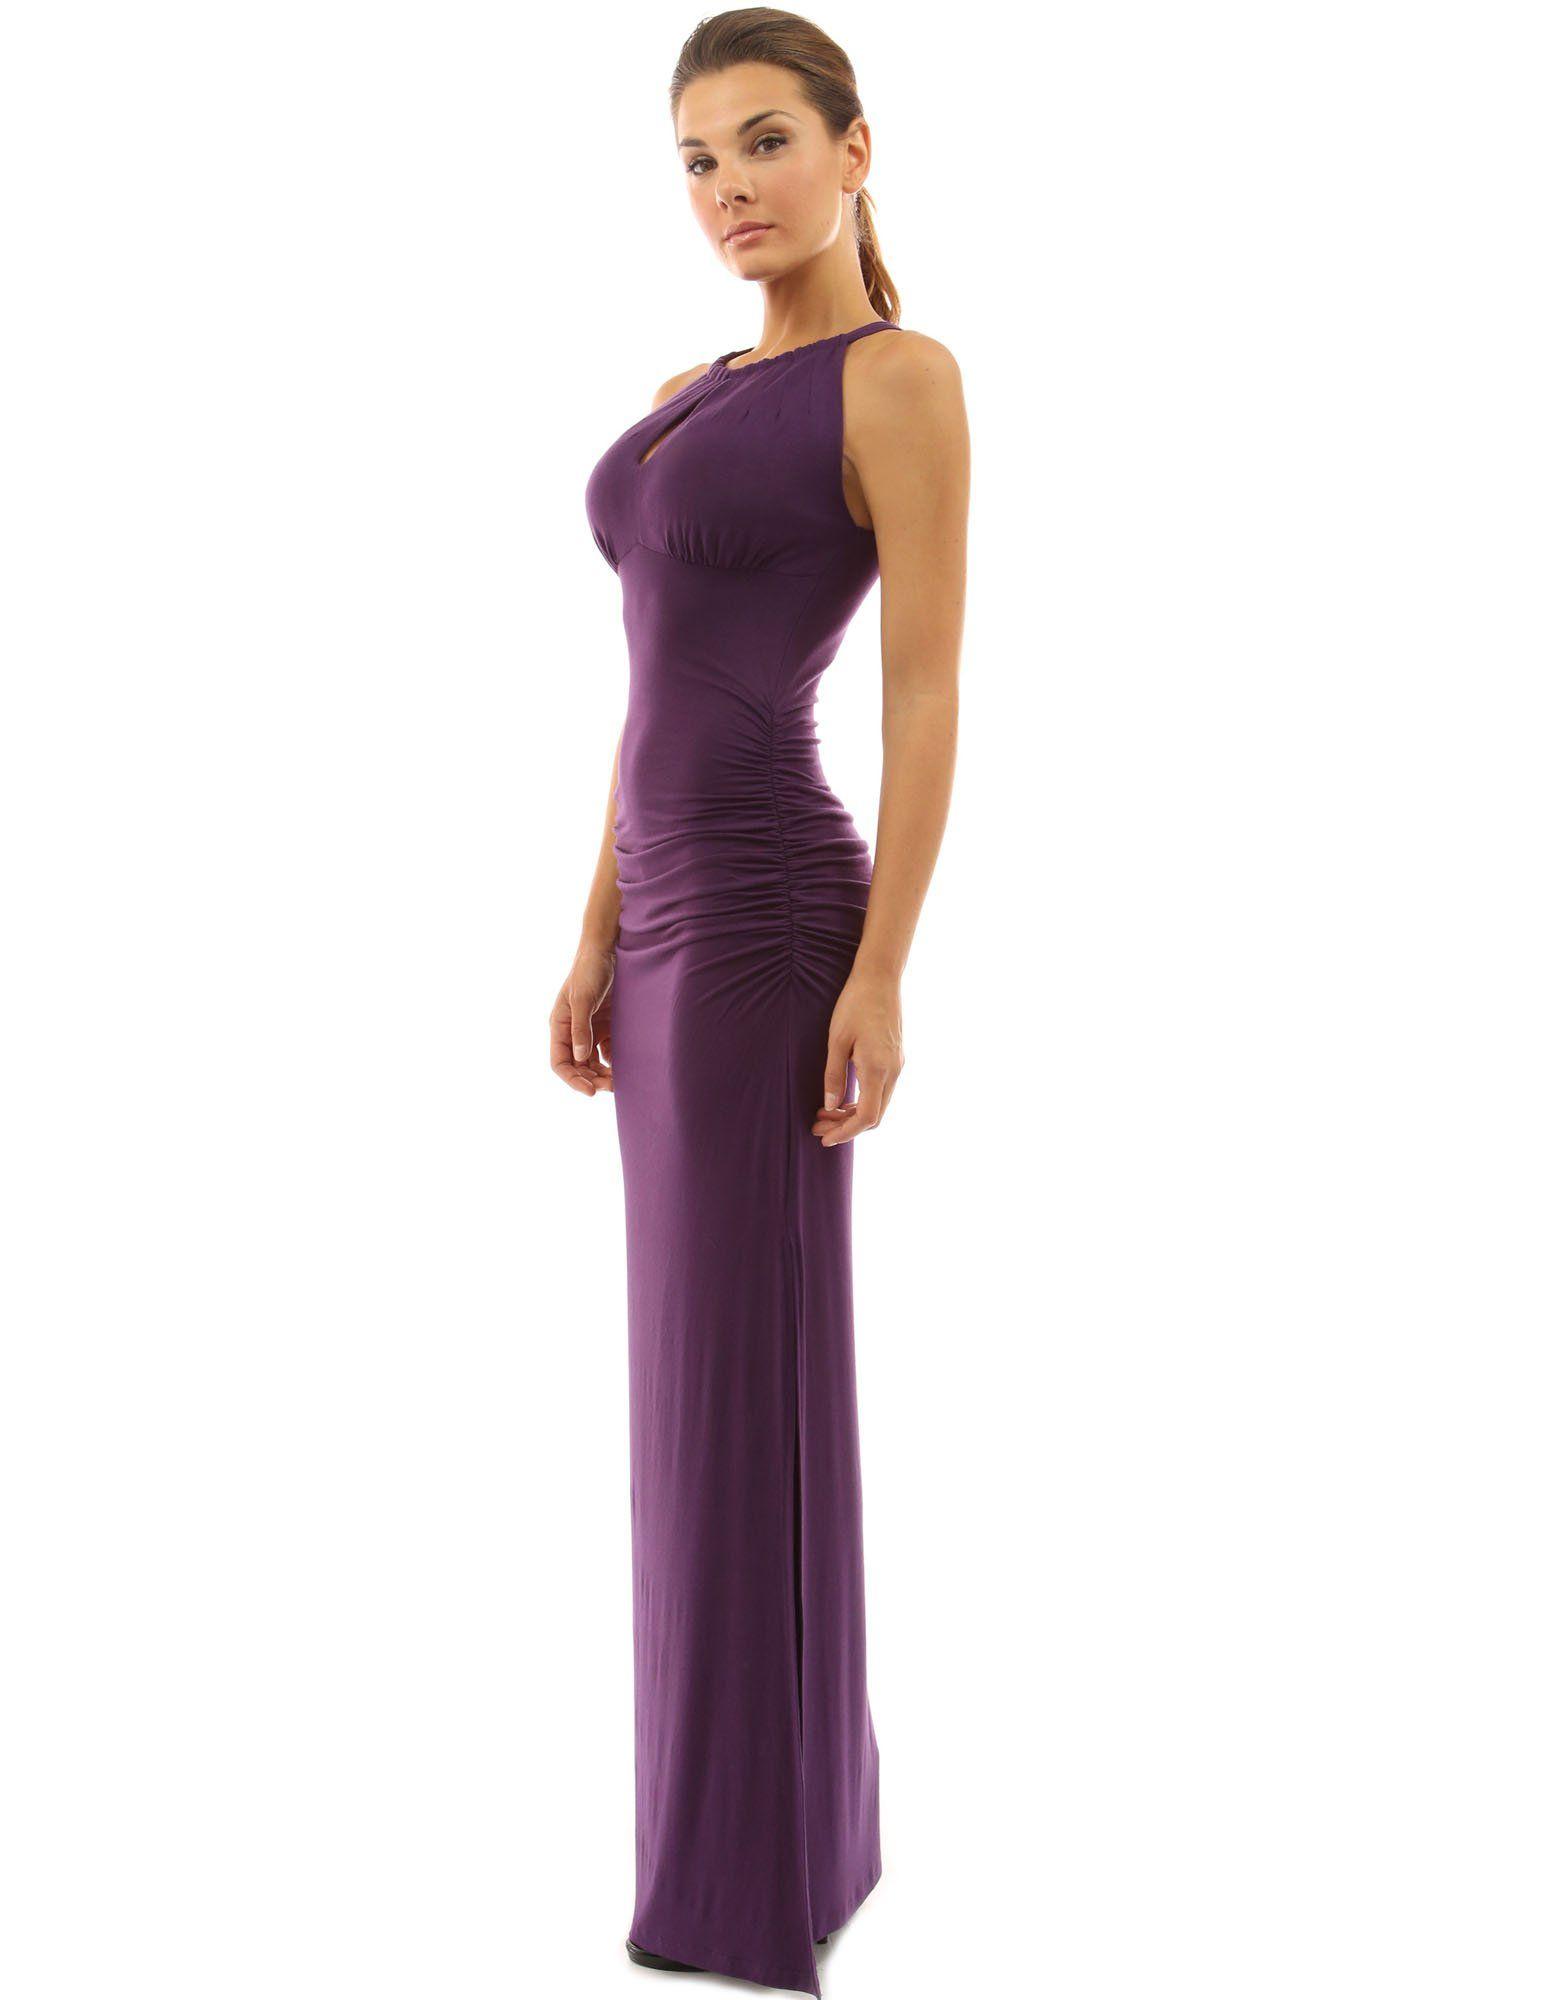 Pattyboutik womenus keyhole ruched sides slit maxi dress fashion